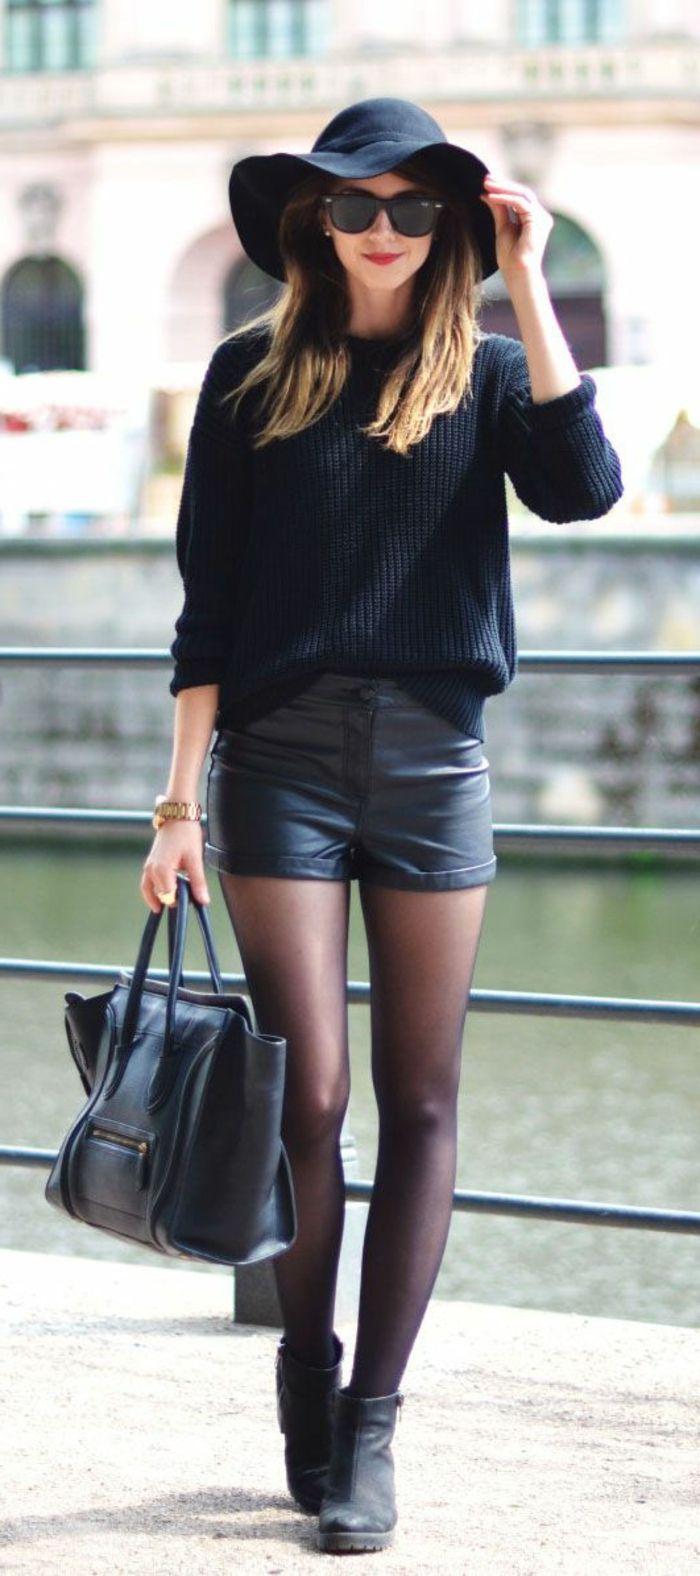 Comment porter la capeline noire – 65 idées de tenue originale – Archzine.fr